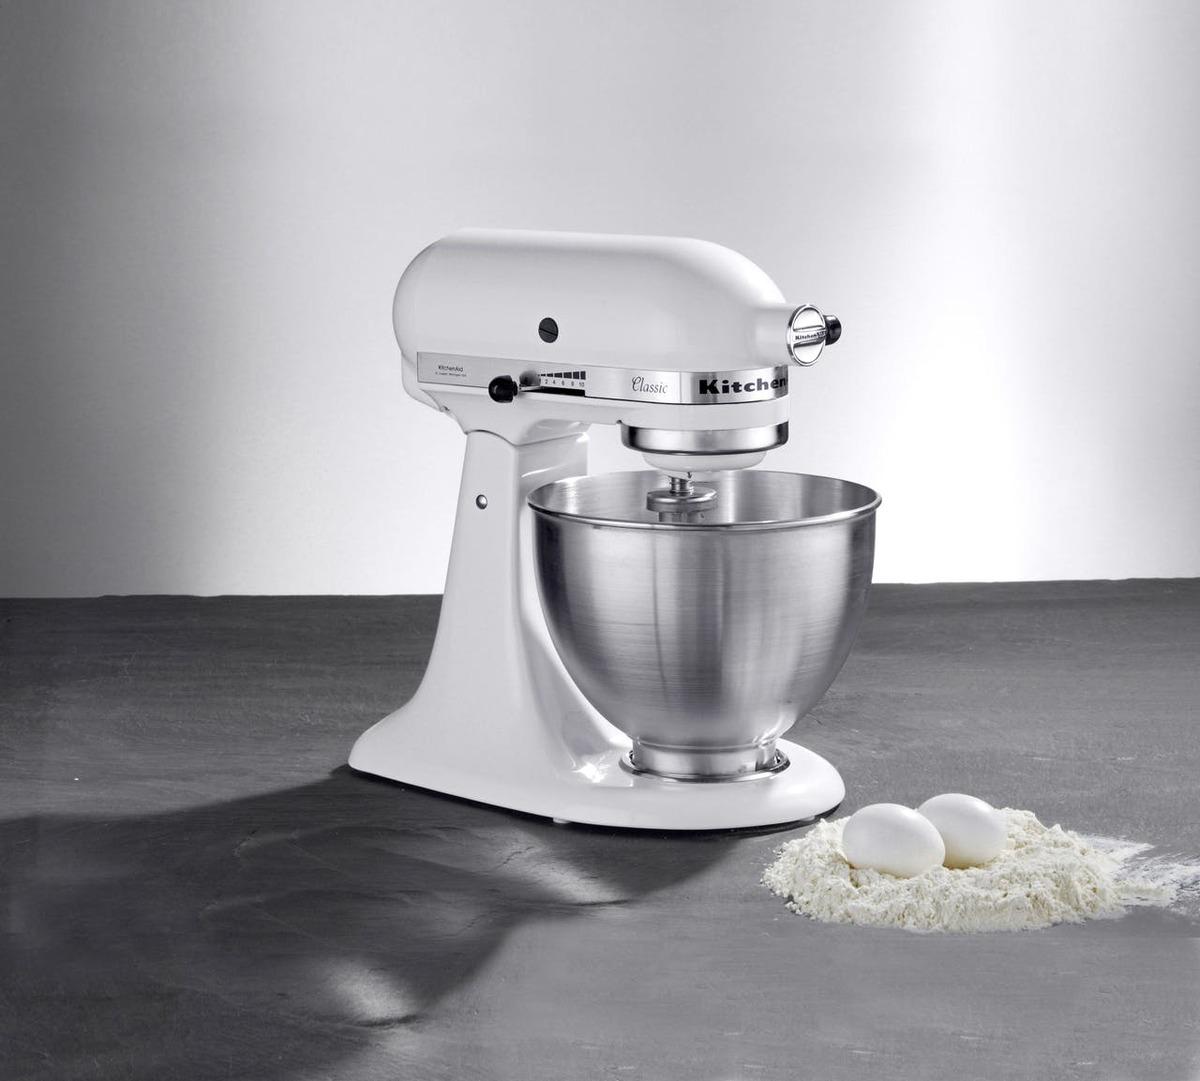 Bild 5 von Kitchenaid Küchenmaschine Classic 5K45SSEWH Weiß